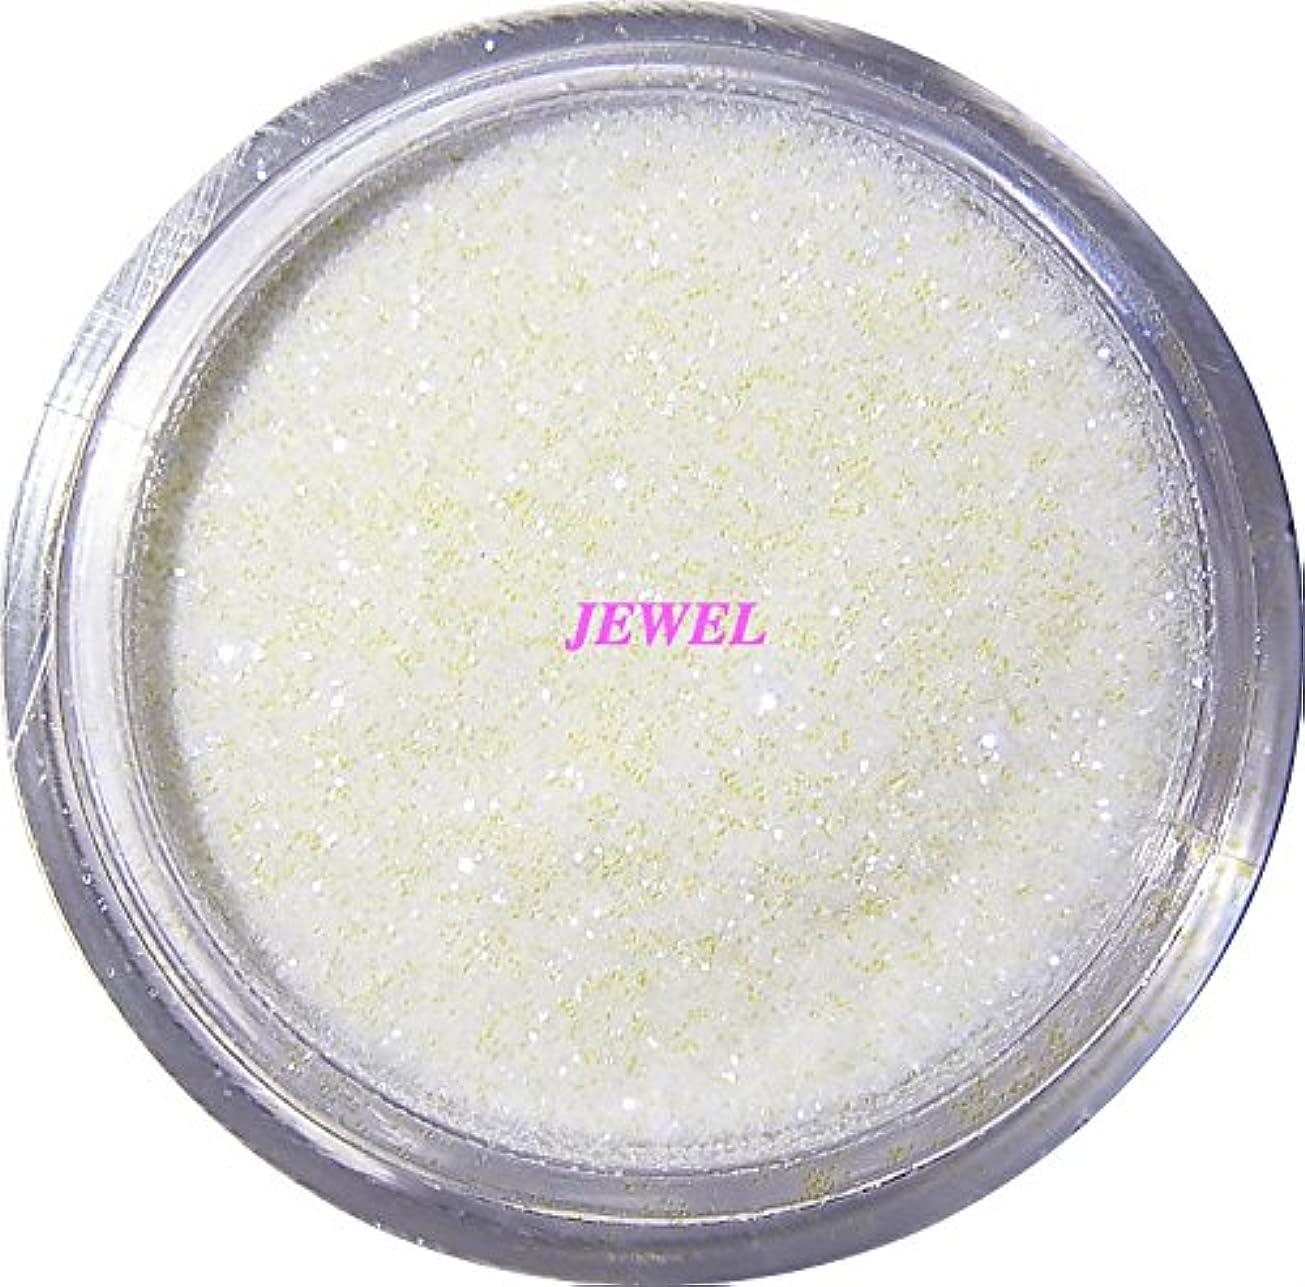 【jewel】 超微粒子ラメパウダーたっぷり2g入り 12色から選択可能 レジン&ネイル用 (パールホワイト)